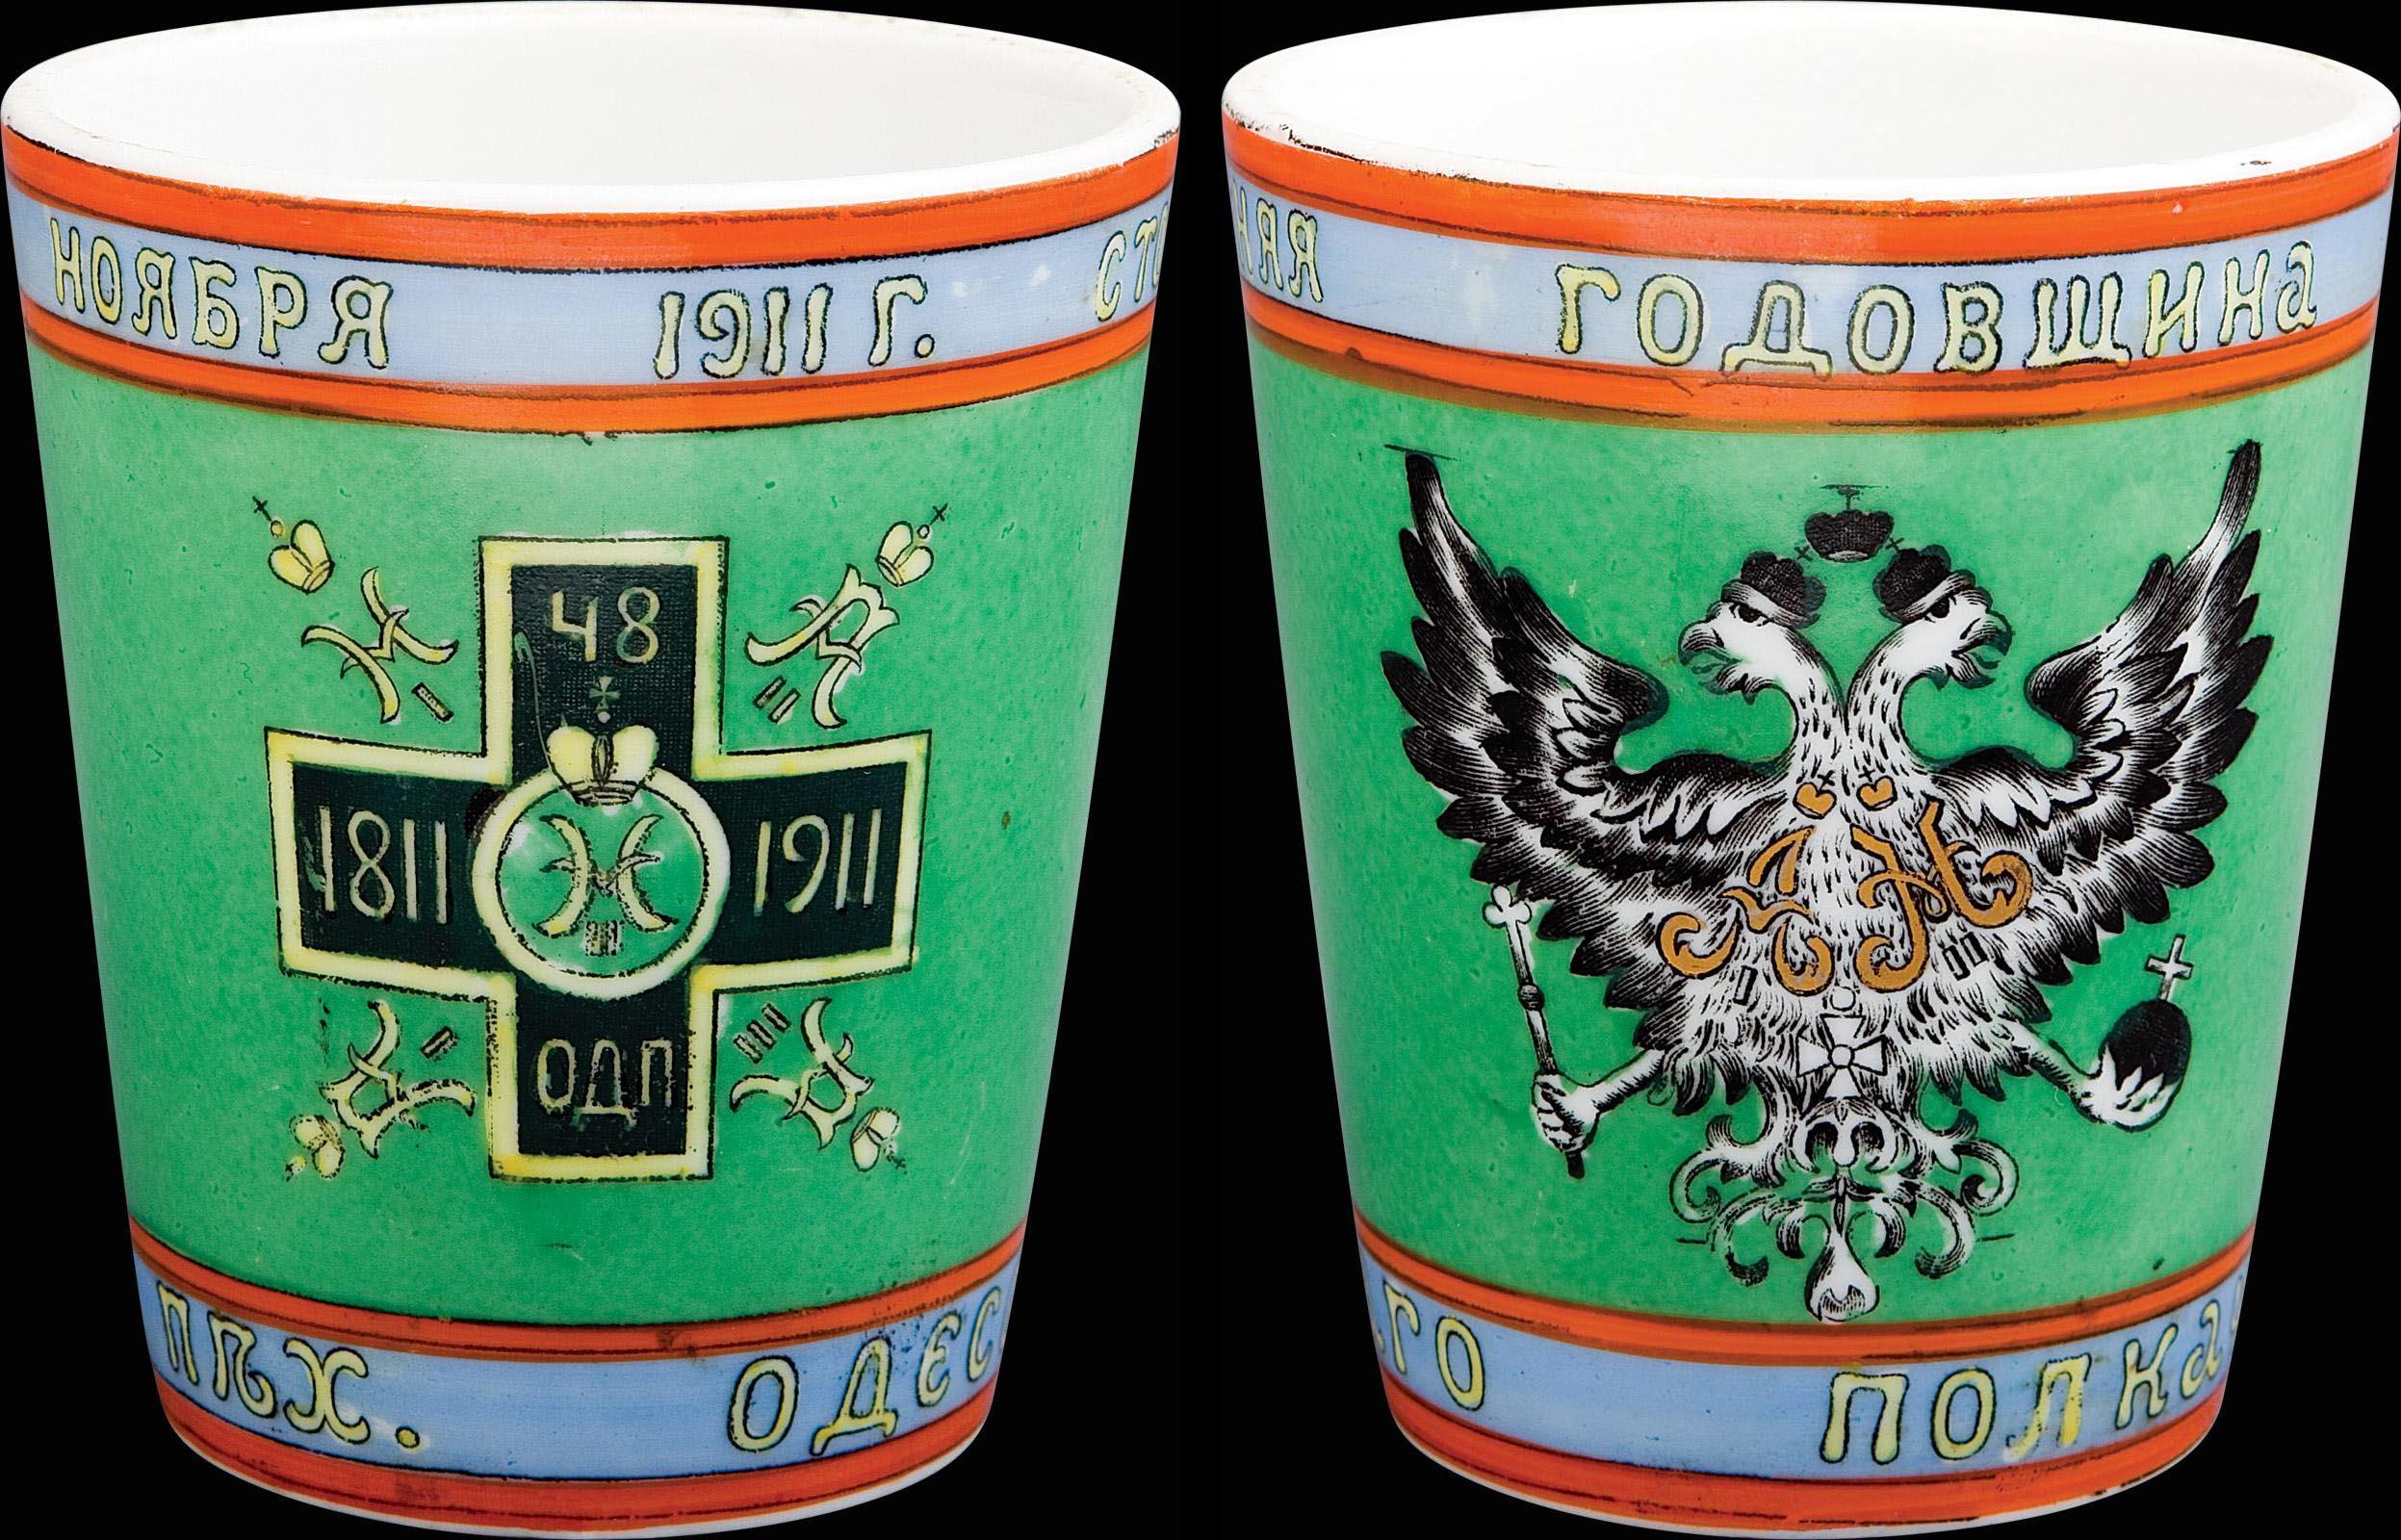 0_97ef0_d0d629a7_origСтакан 48-го пехотного Одесского полка «В память столетней годовщины полка».